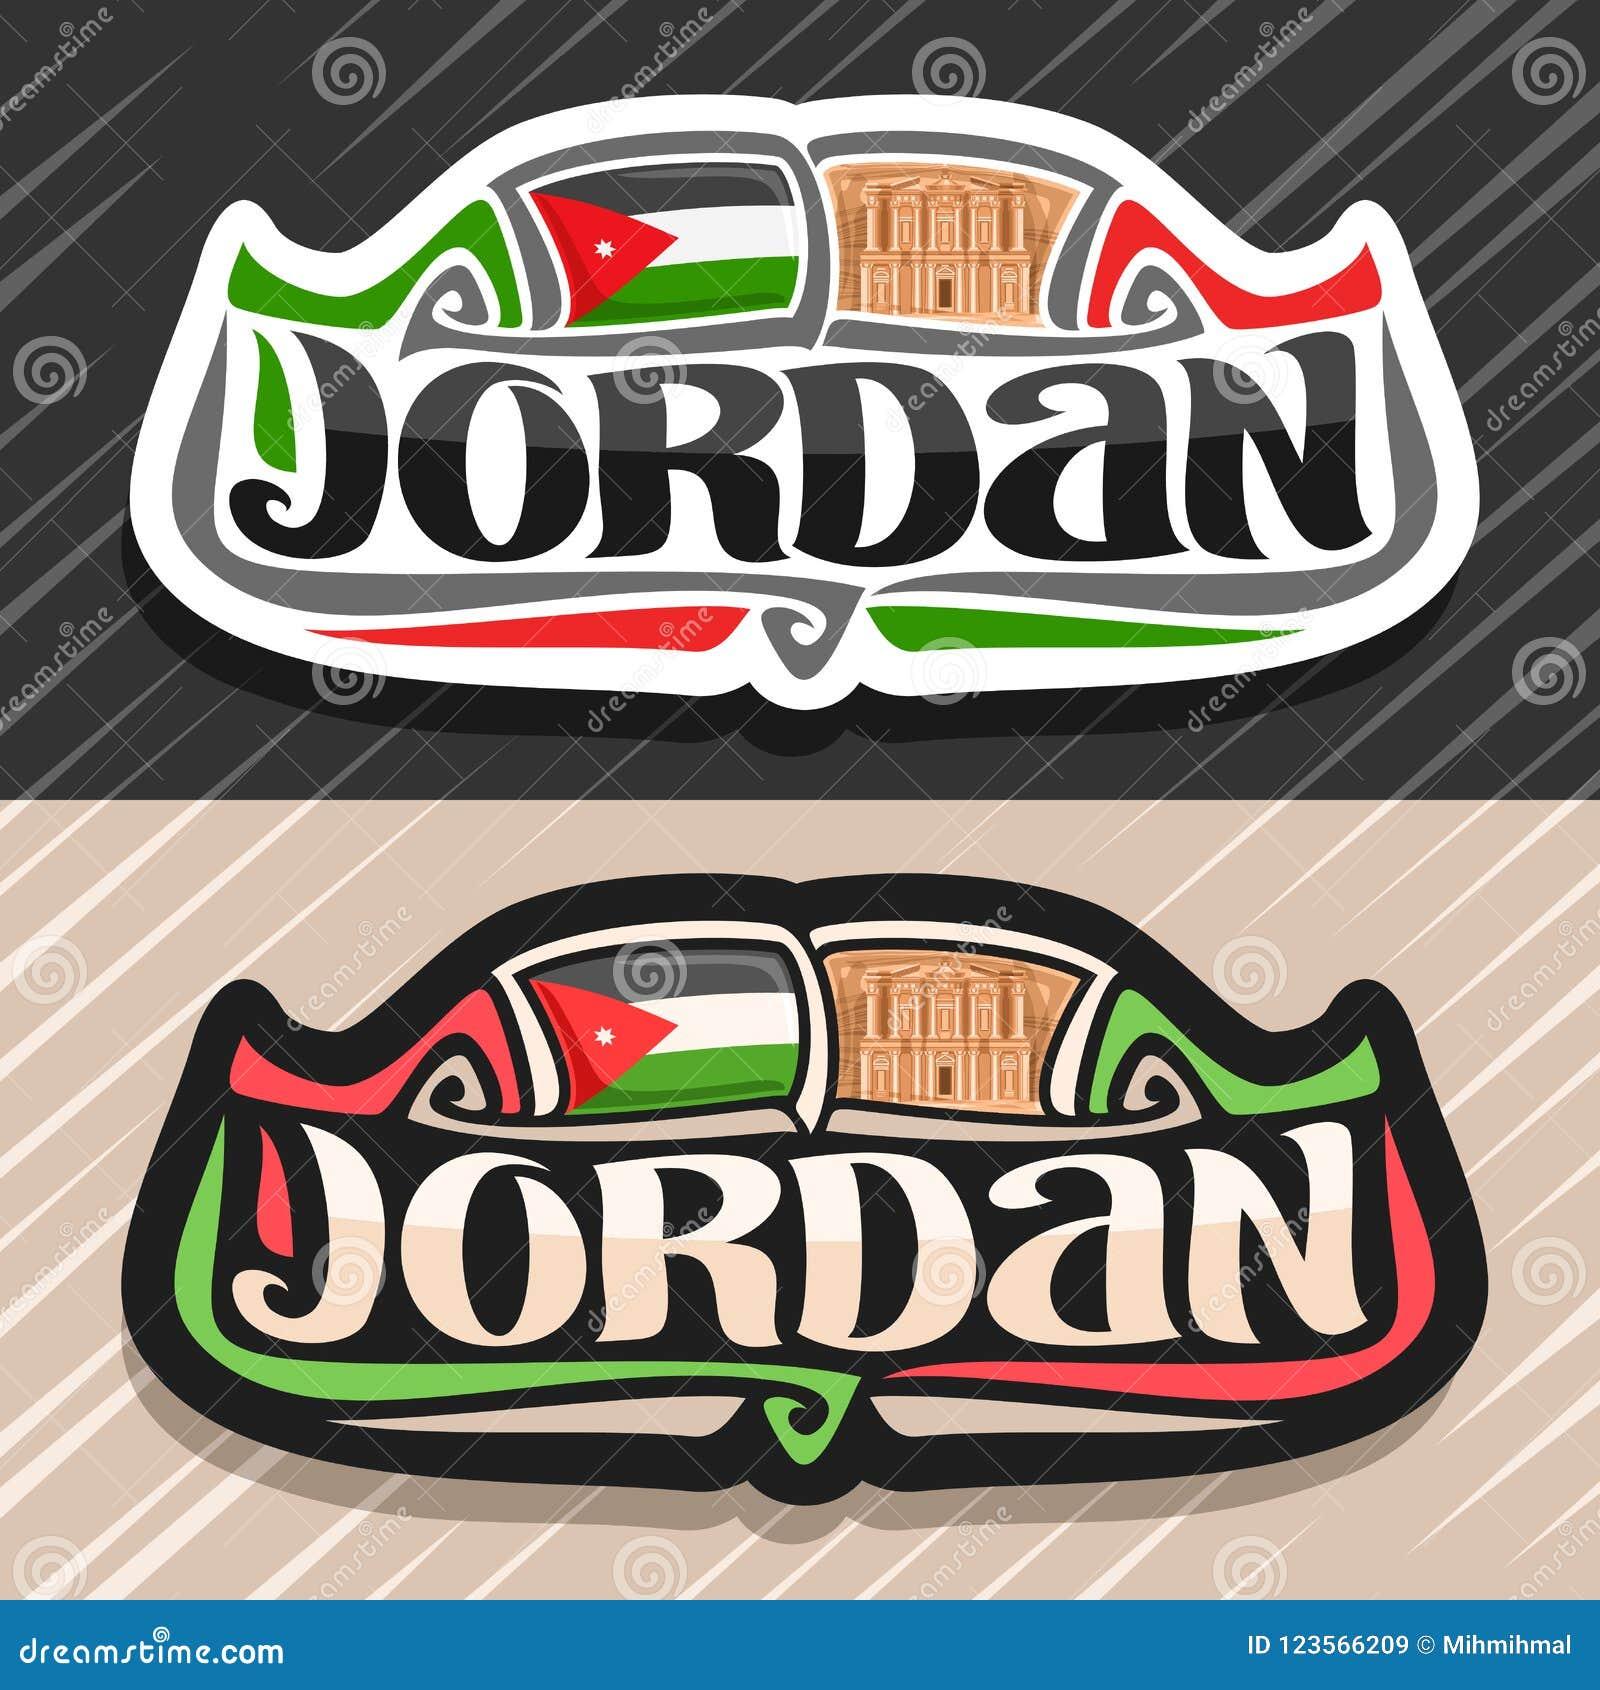 Vector Logo For Jordan Stock Vector Illustration Of Monument